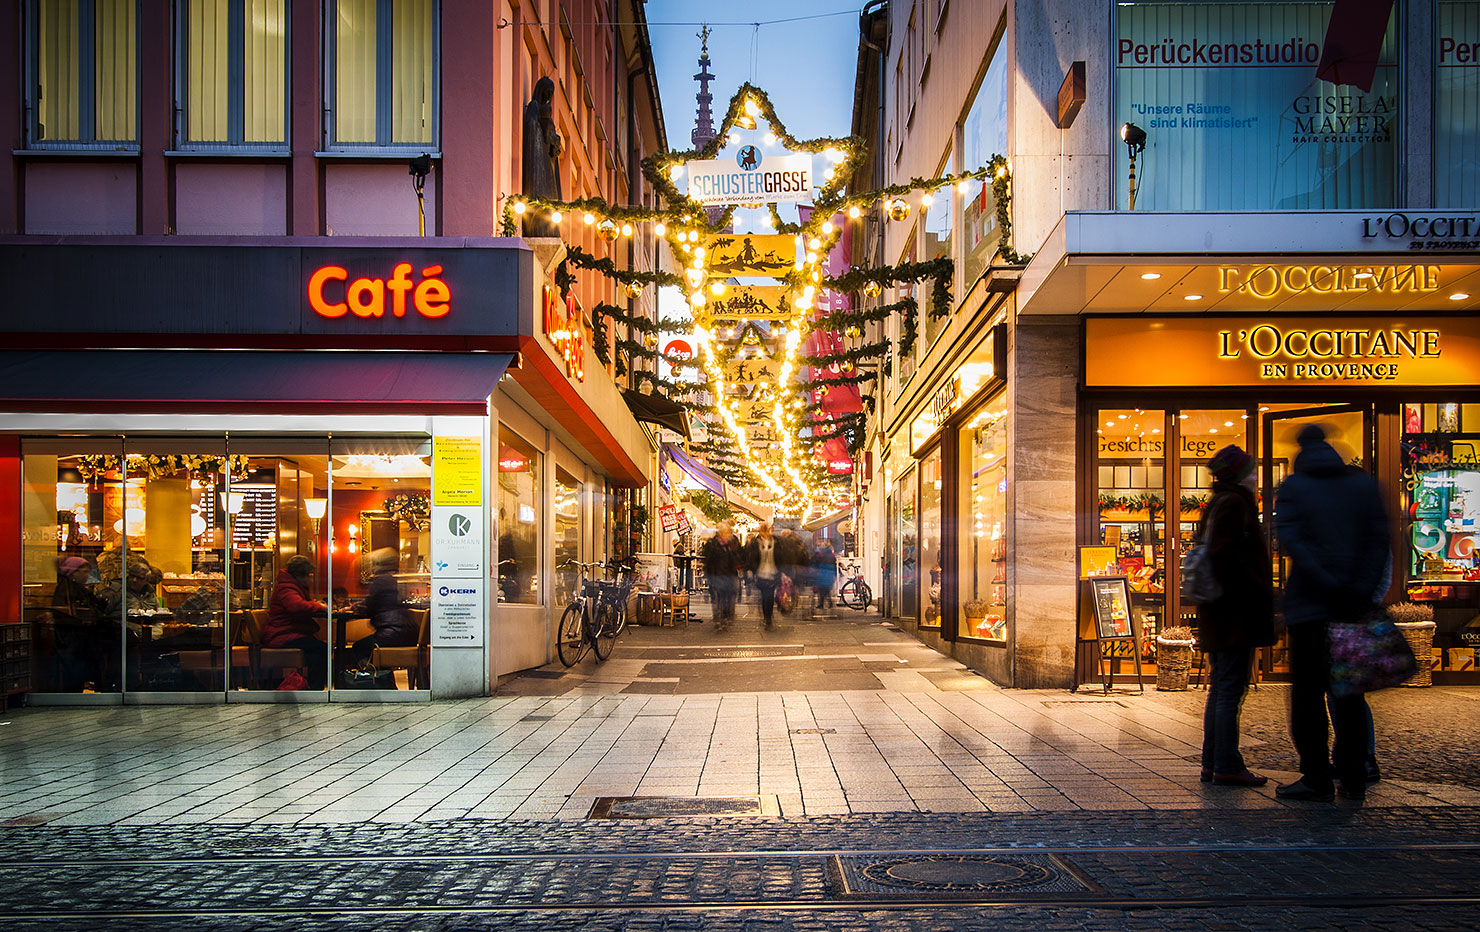 Schustergasse Würzburg Weihnachten